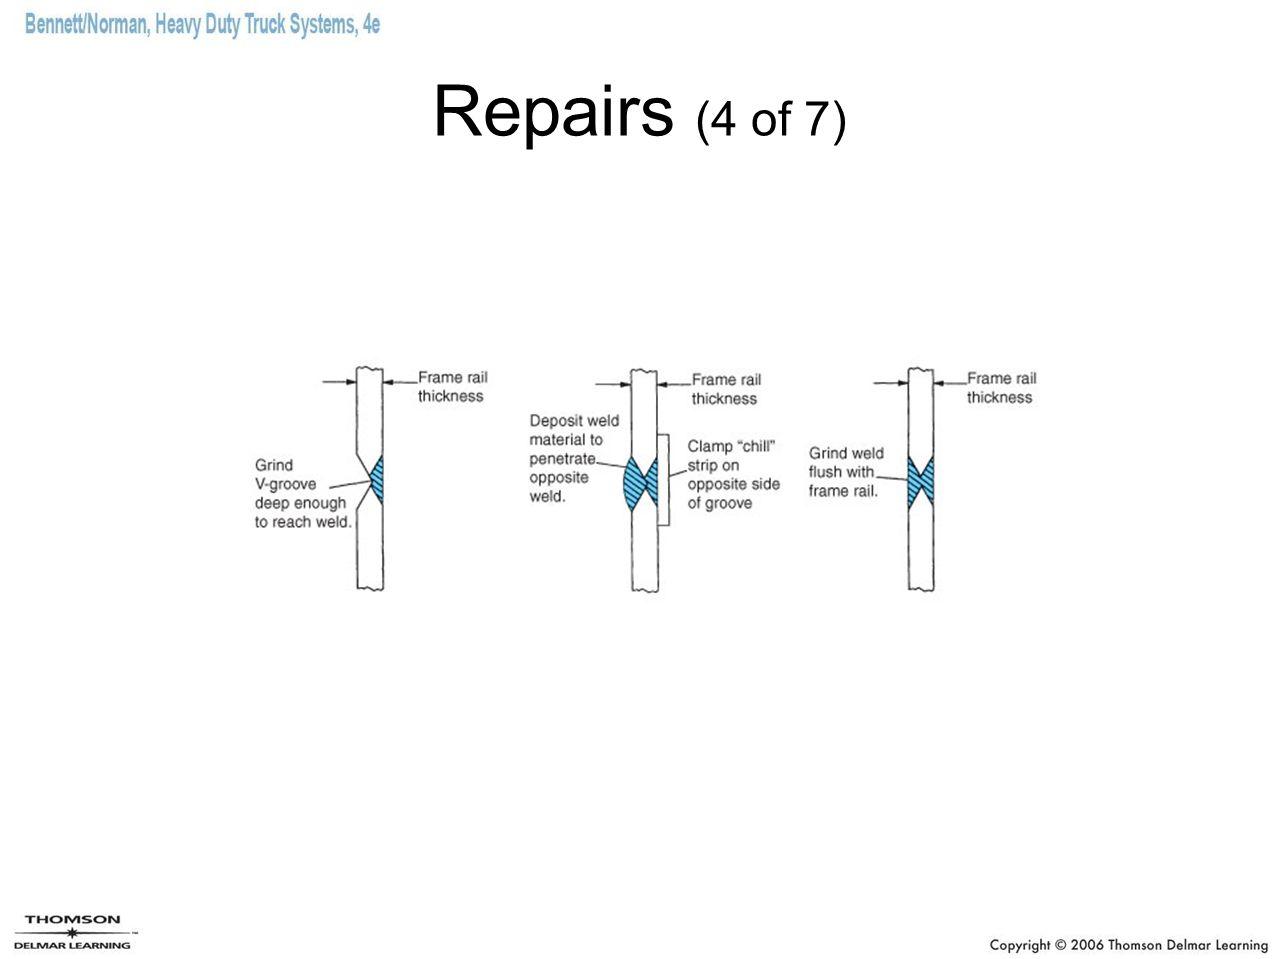 Repairs (4 of 7)